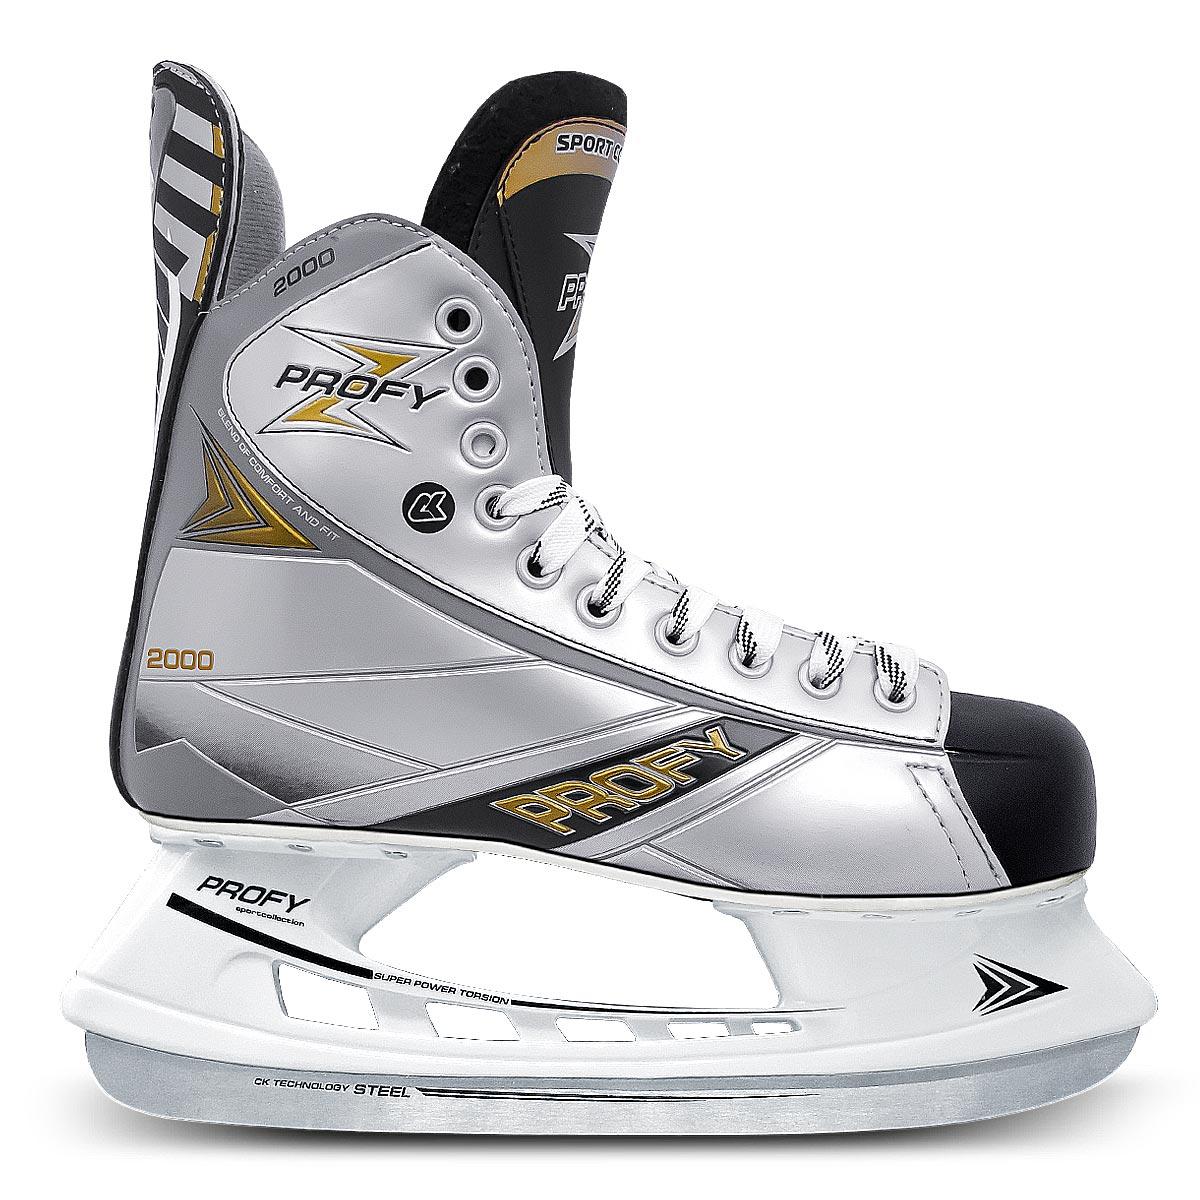 Коньки хоккейные мужские СК Profy Z 2000, цвет: черный, серый. Размер 46PROFY Z 2000_черный, серый_46Стильные мужские коньки от CK Profy Z 2000 прекрасно подойдут для начинающих игроков в хоккей. Ботинок выполнен из морозоустойчивой искусственной кожи и ПВХ. Мыс дополнен вставкой, которая защитит ноги от ударов. Внутренний слой и стелька изготовлены из мягкого текстиля, который обеспечит тепло и комфорт во время катания, язычок - из войлока. Плотная шнуровка надежно фиксирует модель на ноге. Голеностоп имеет удобный суппорт. По верху коньки декорированы тиснением в виде логотипа бренда. Подошва - из твердого пластика. Стойка выполнена из ударопрочного поливинилхлорида. Лезвие из углеродистой нержавеющей стали обеспечит превосходное скольжение. Оригинальные коньки придутся вам по душе.